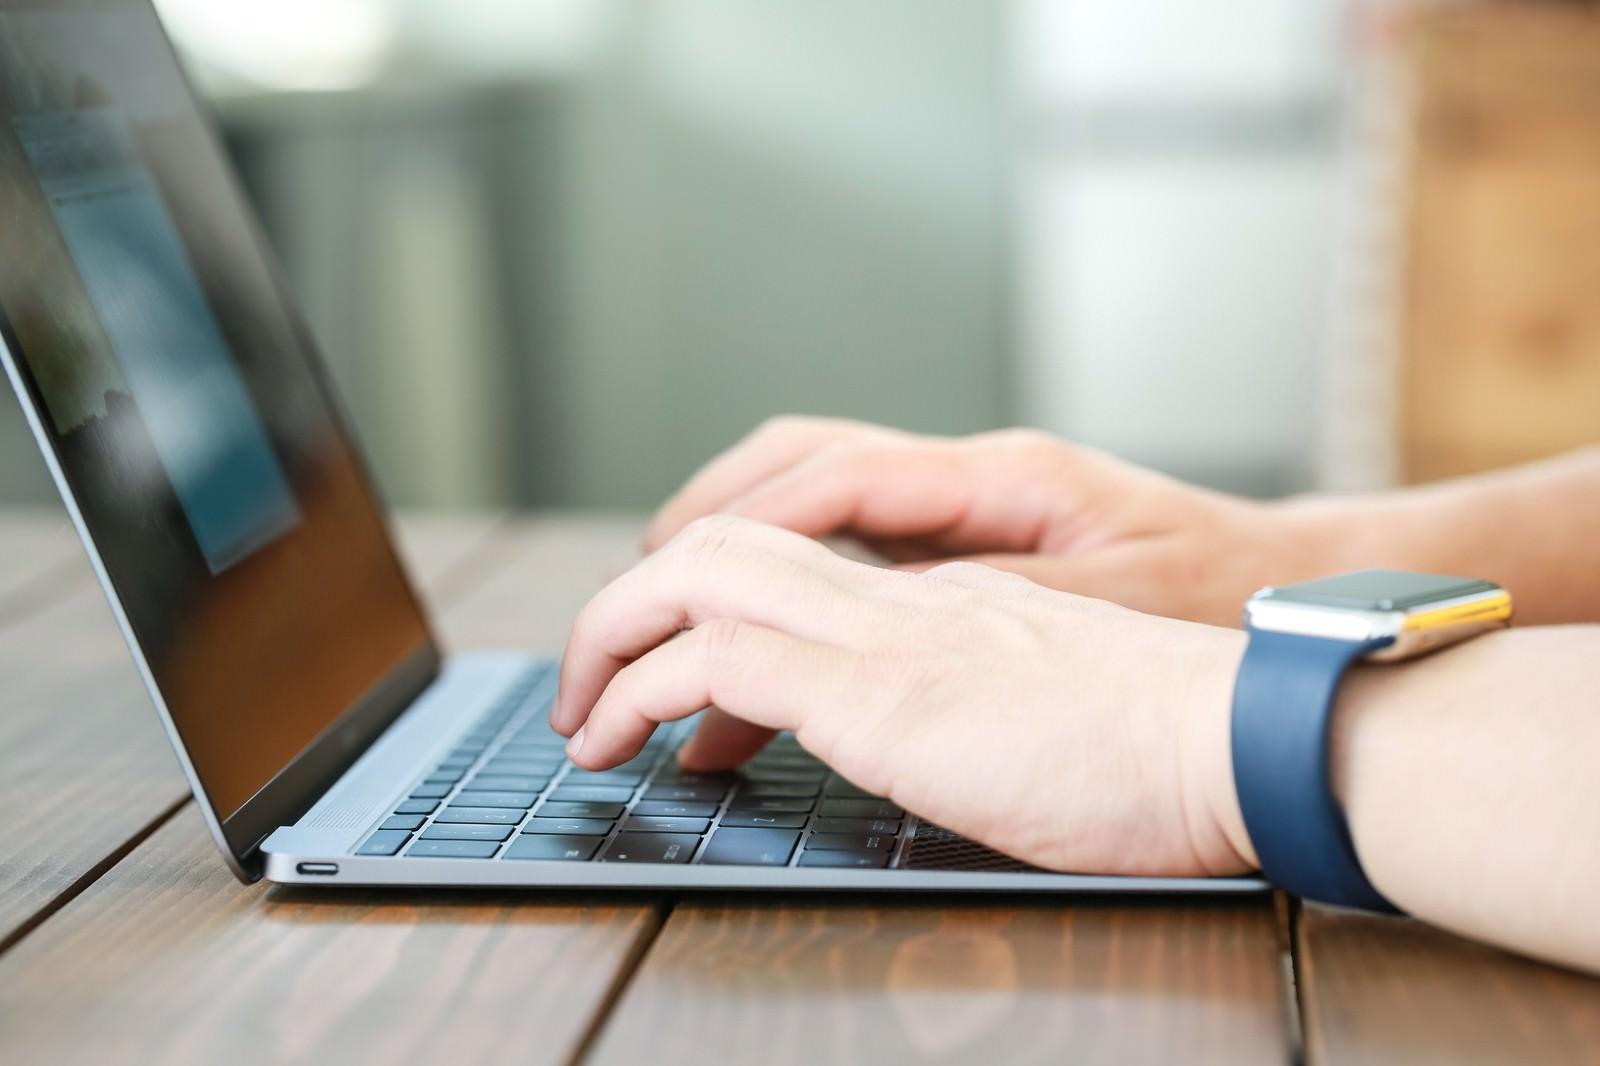 お願いメールの書き方と例文|ビジネス・件名・内容別の注意点